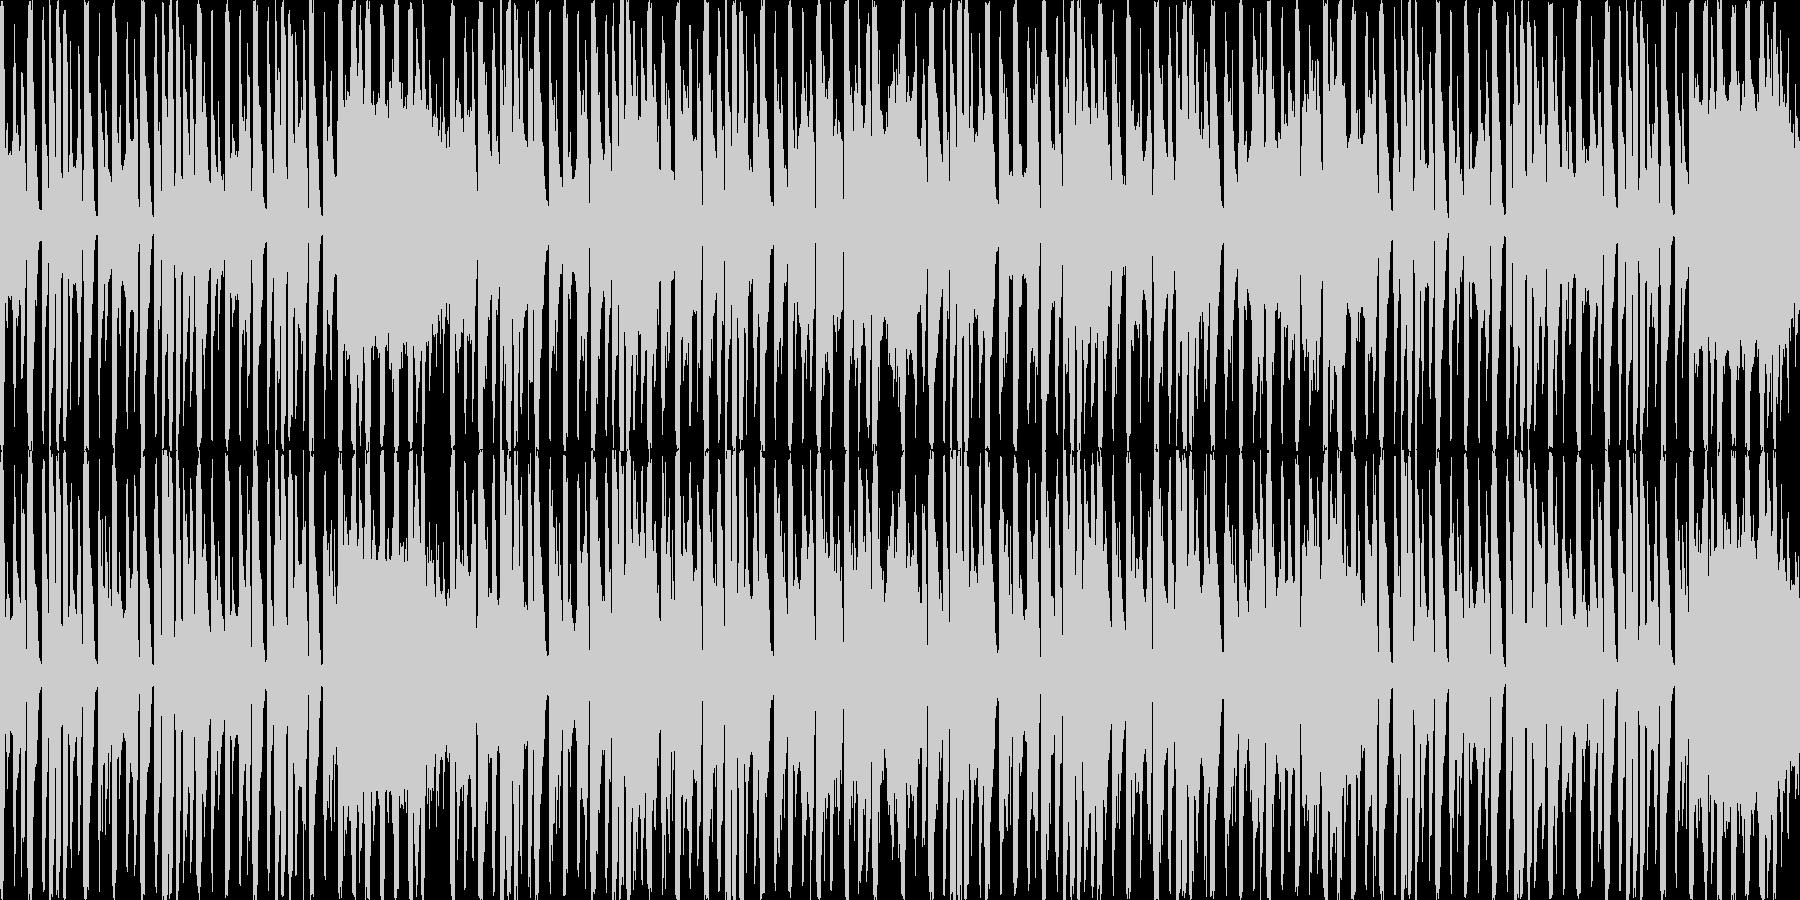 コミカルでかわいいエレクトロダンスループの未再生の波形